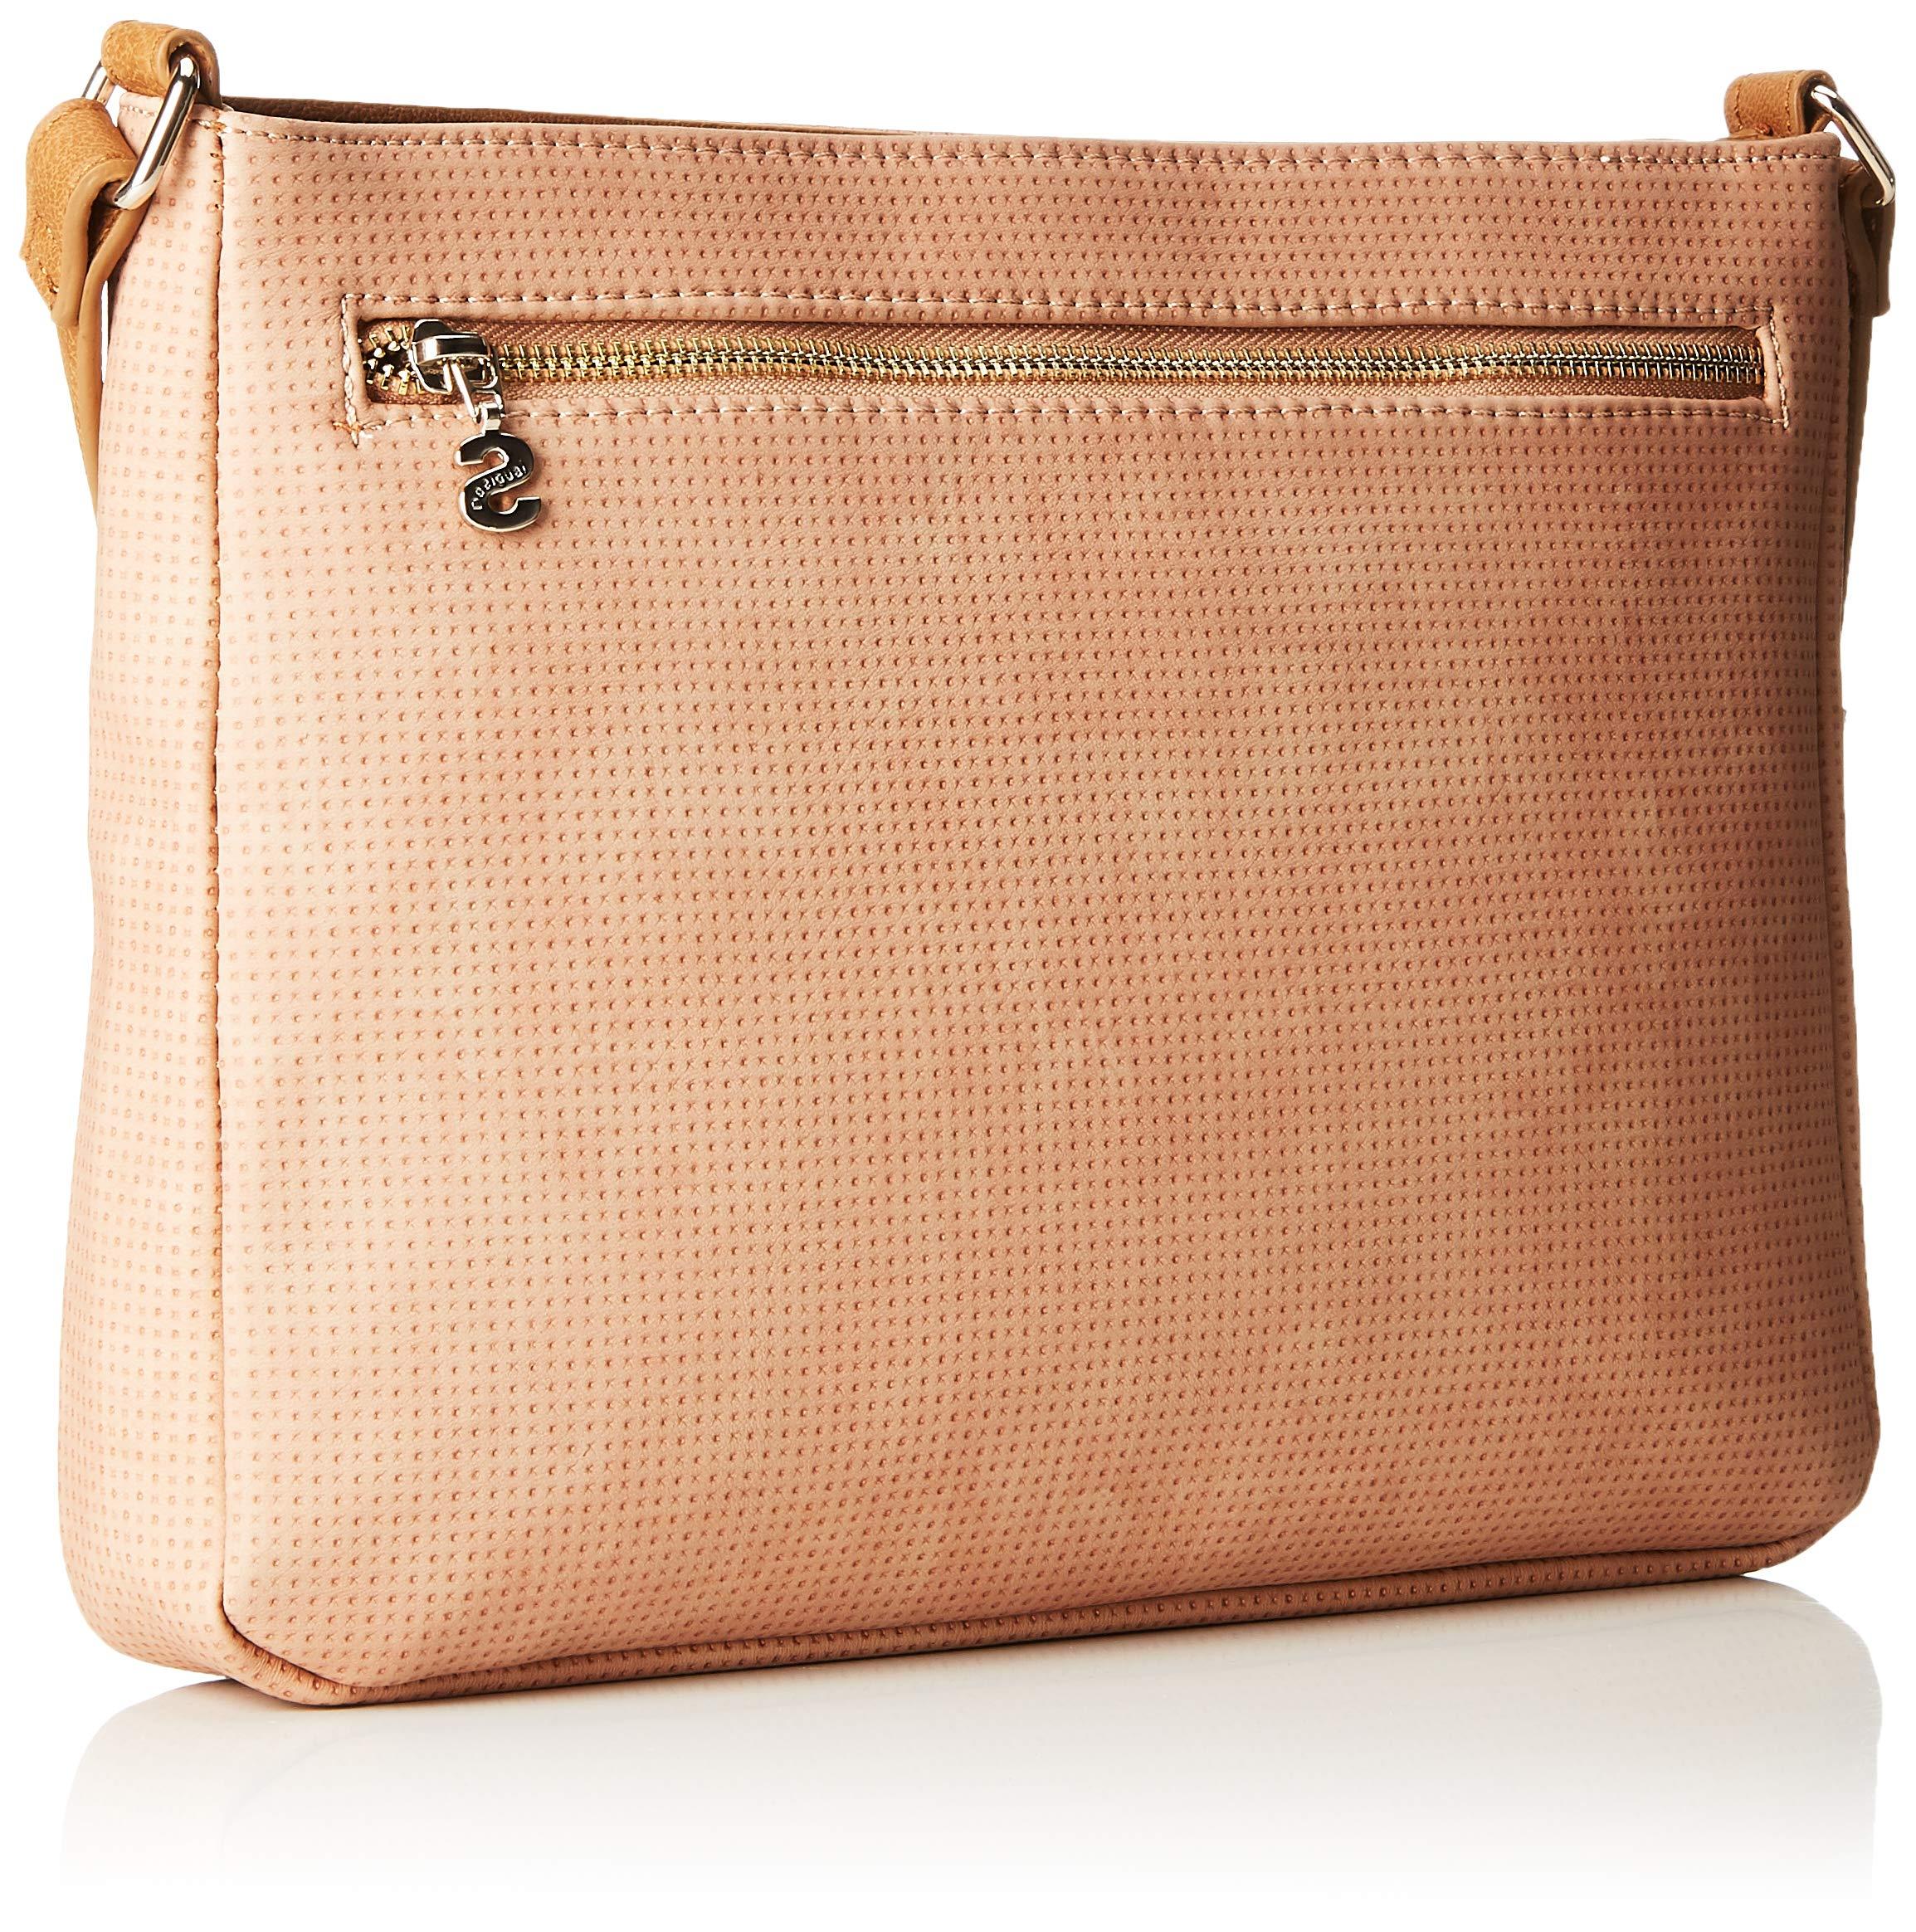 Desigual Bag Atila Espot Women, Borse a tracolla Donna